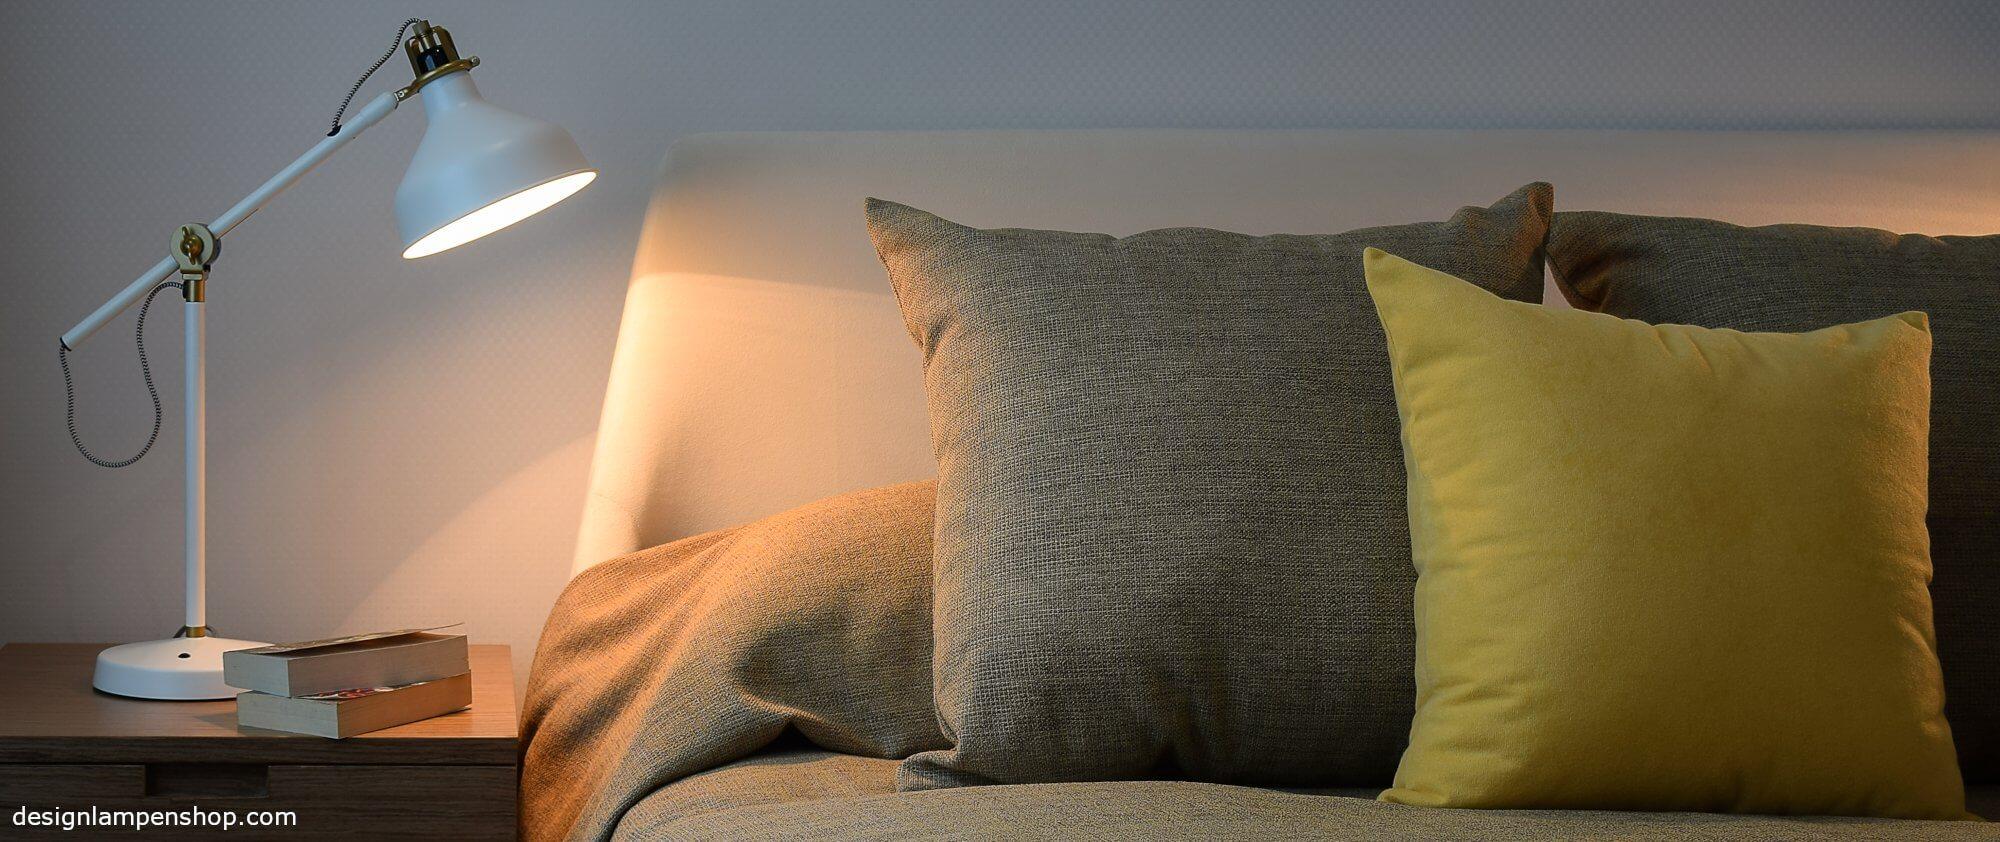 Nachhtischlampe als Leselampe am Bett